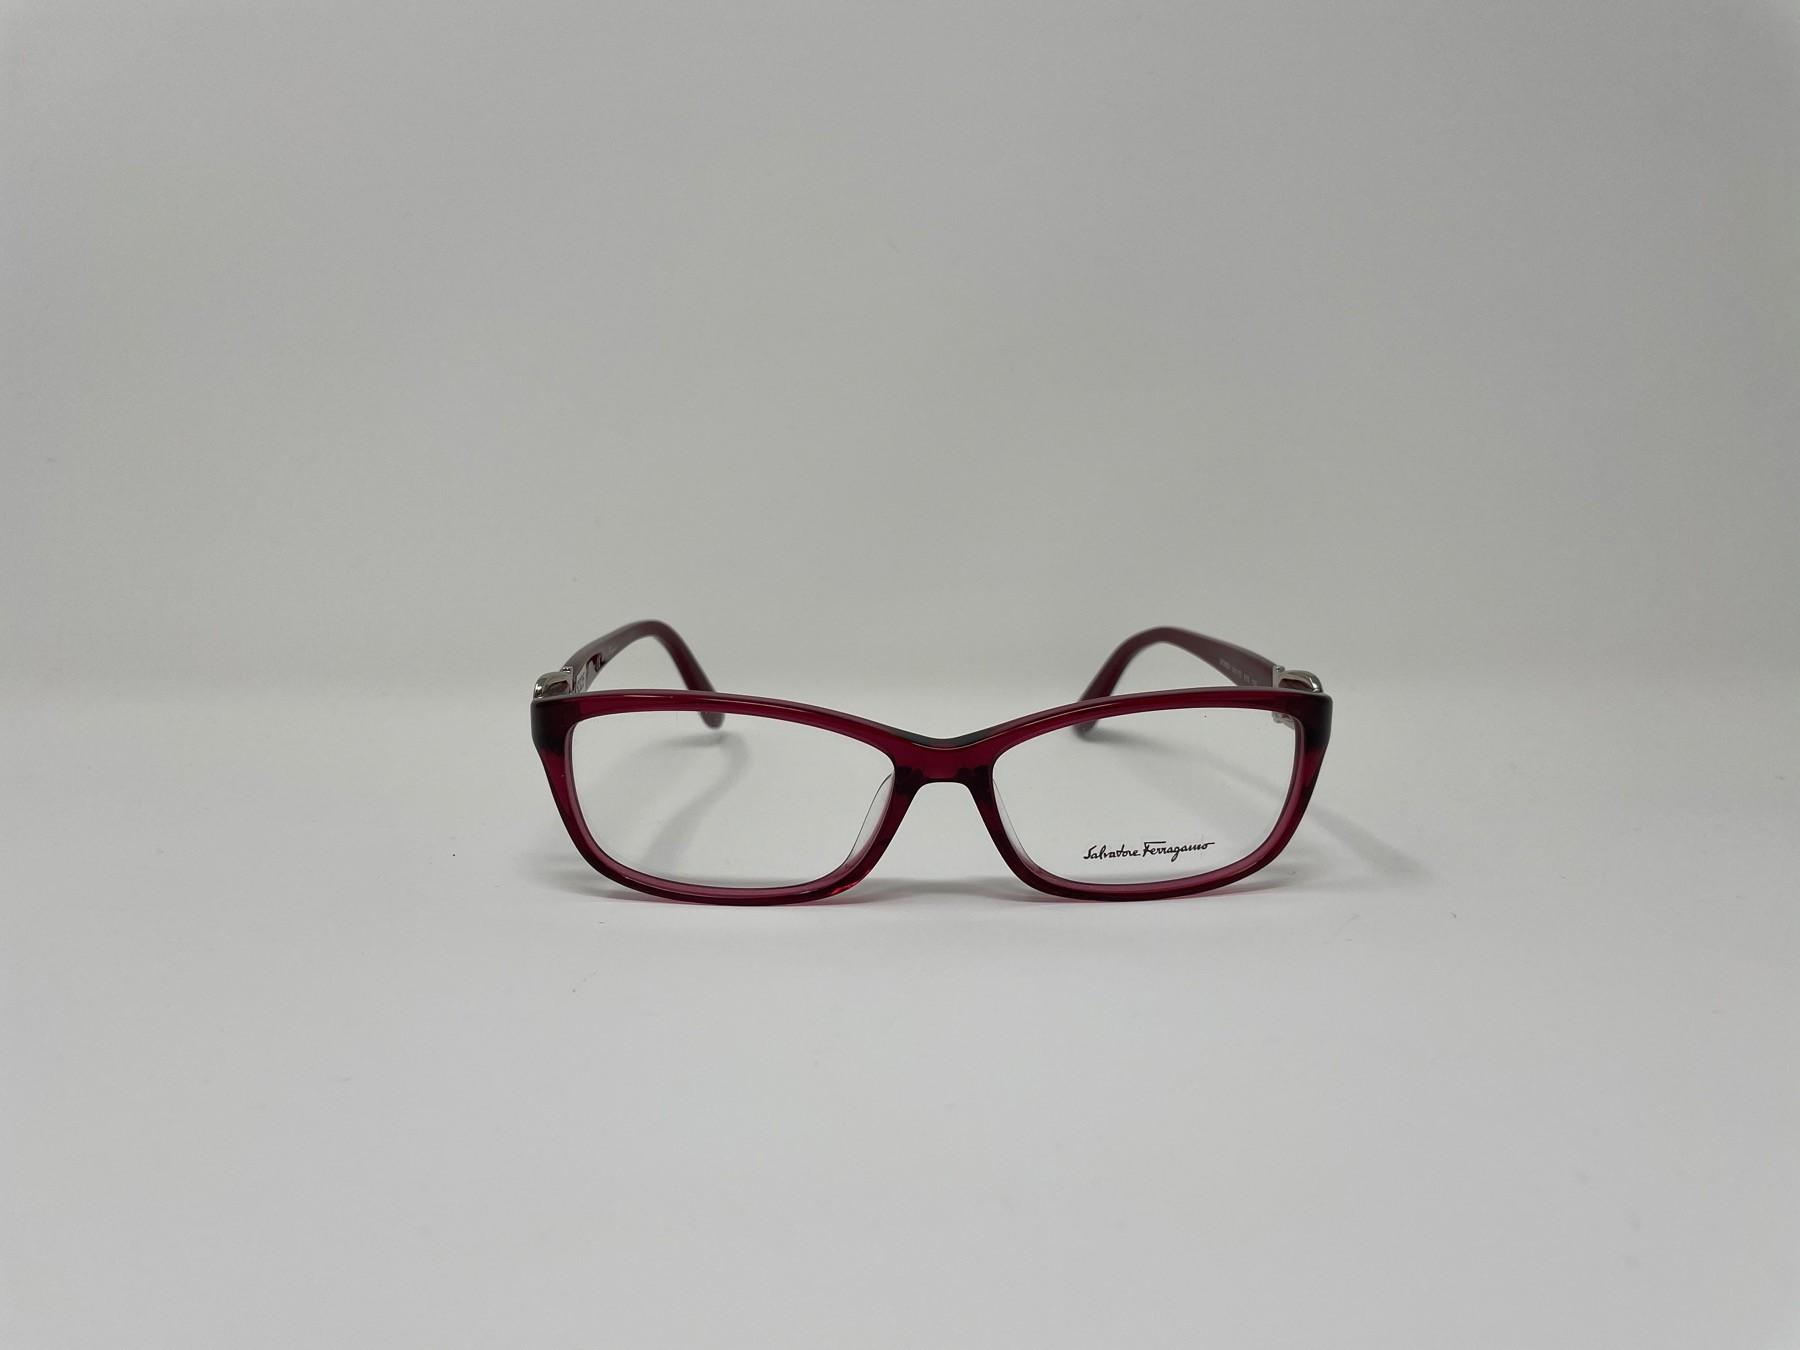 Salvatore Ferragamo SF 2629 Unisex eyeglasses